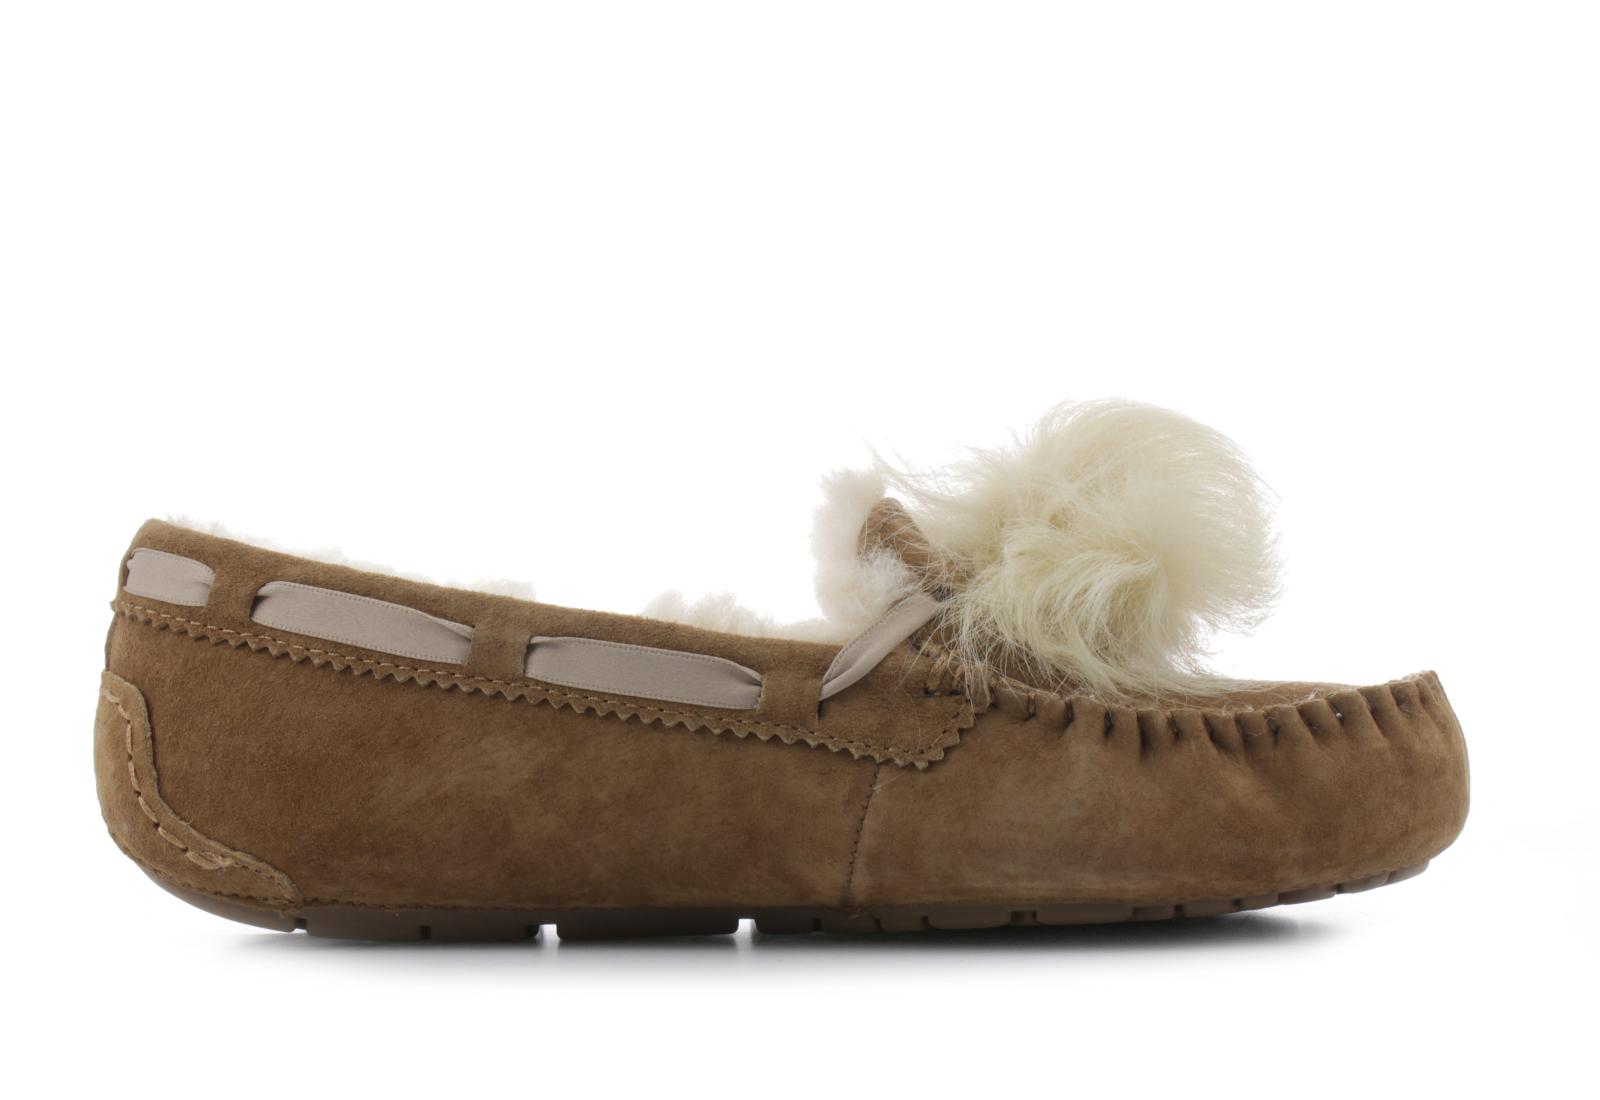 95f2e97a97 Ugg Nízké boty Dakota Pom Pom 5